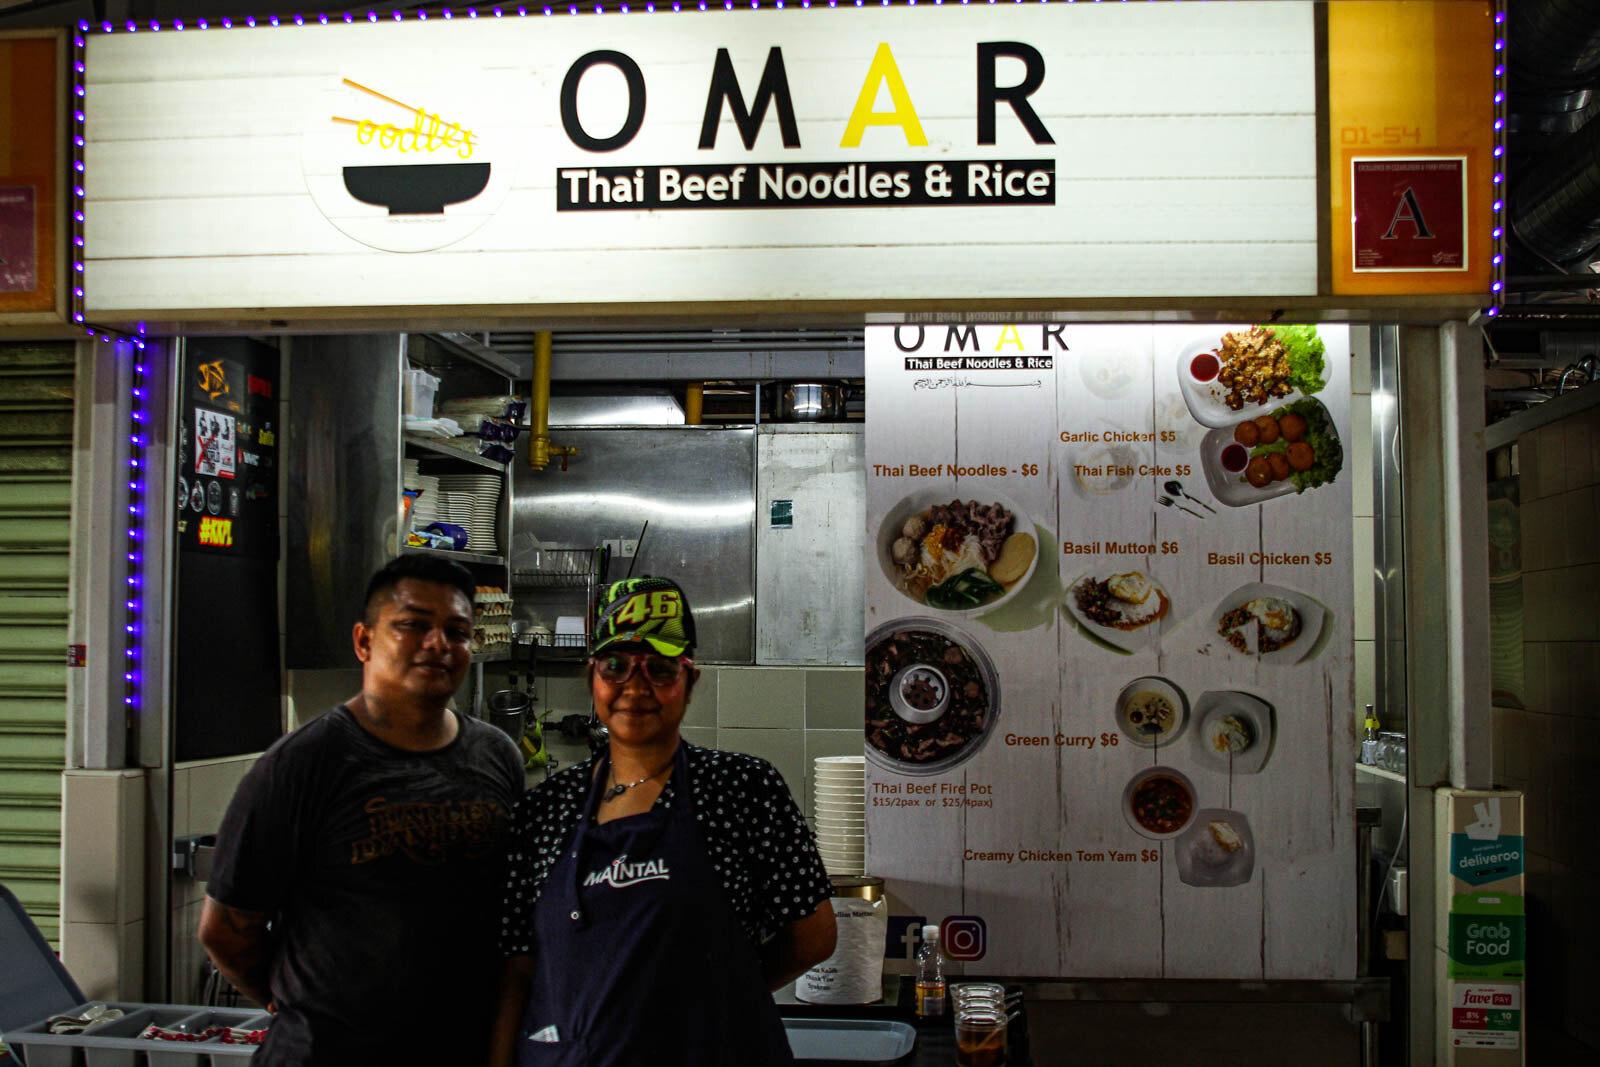 Omar's Shopfront